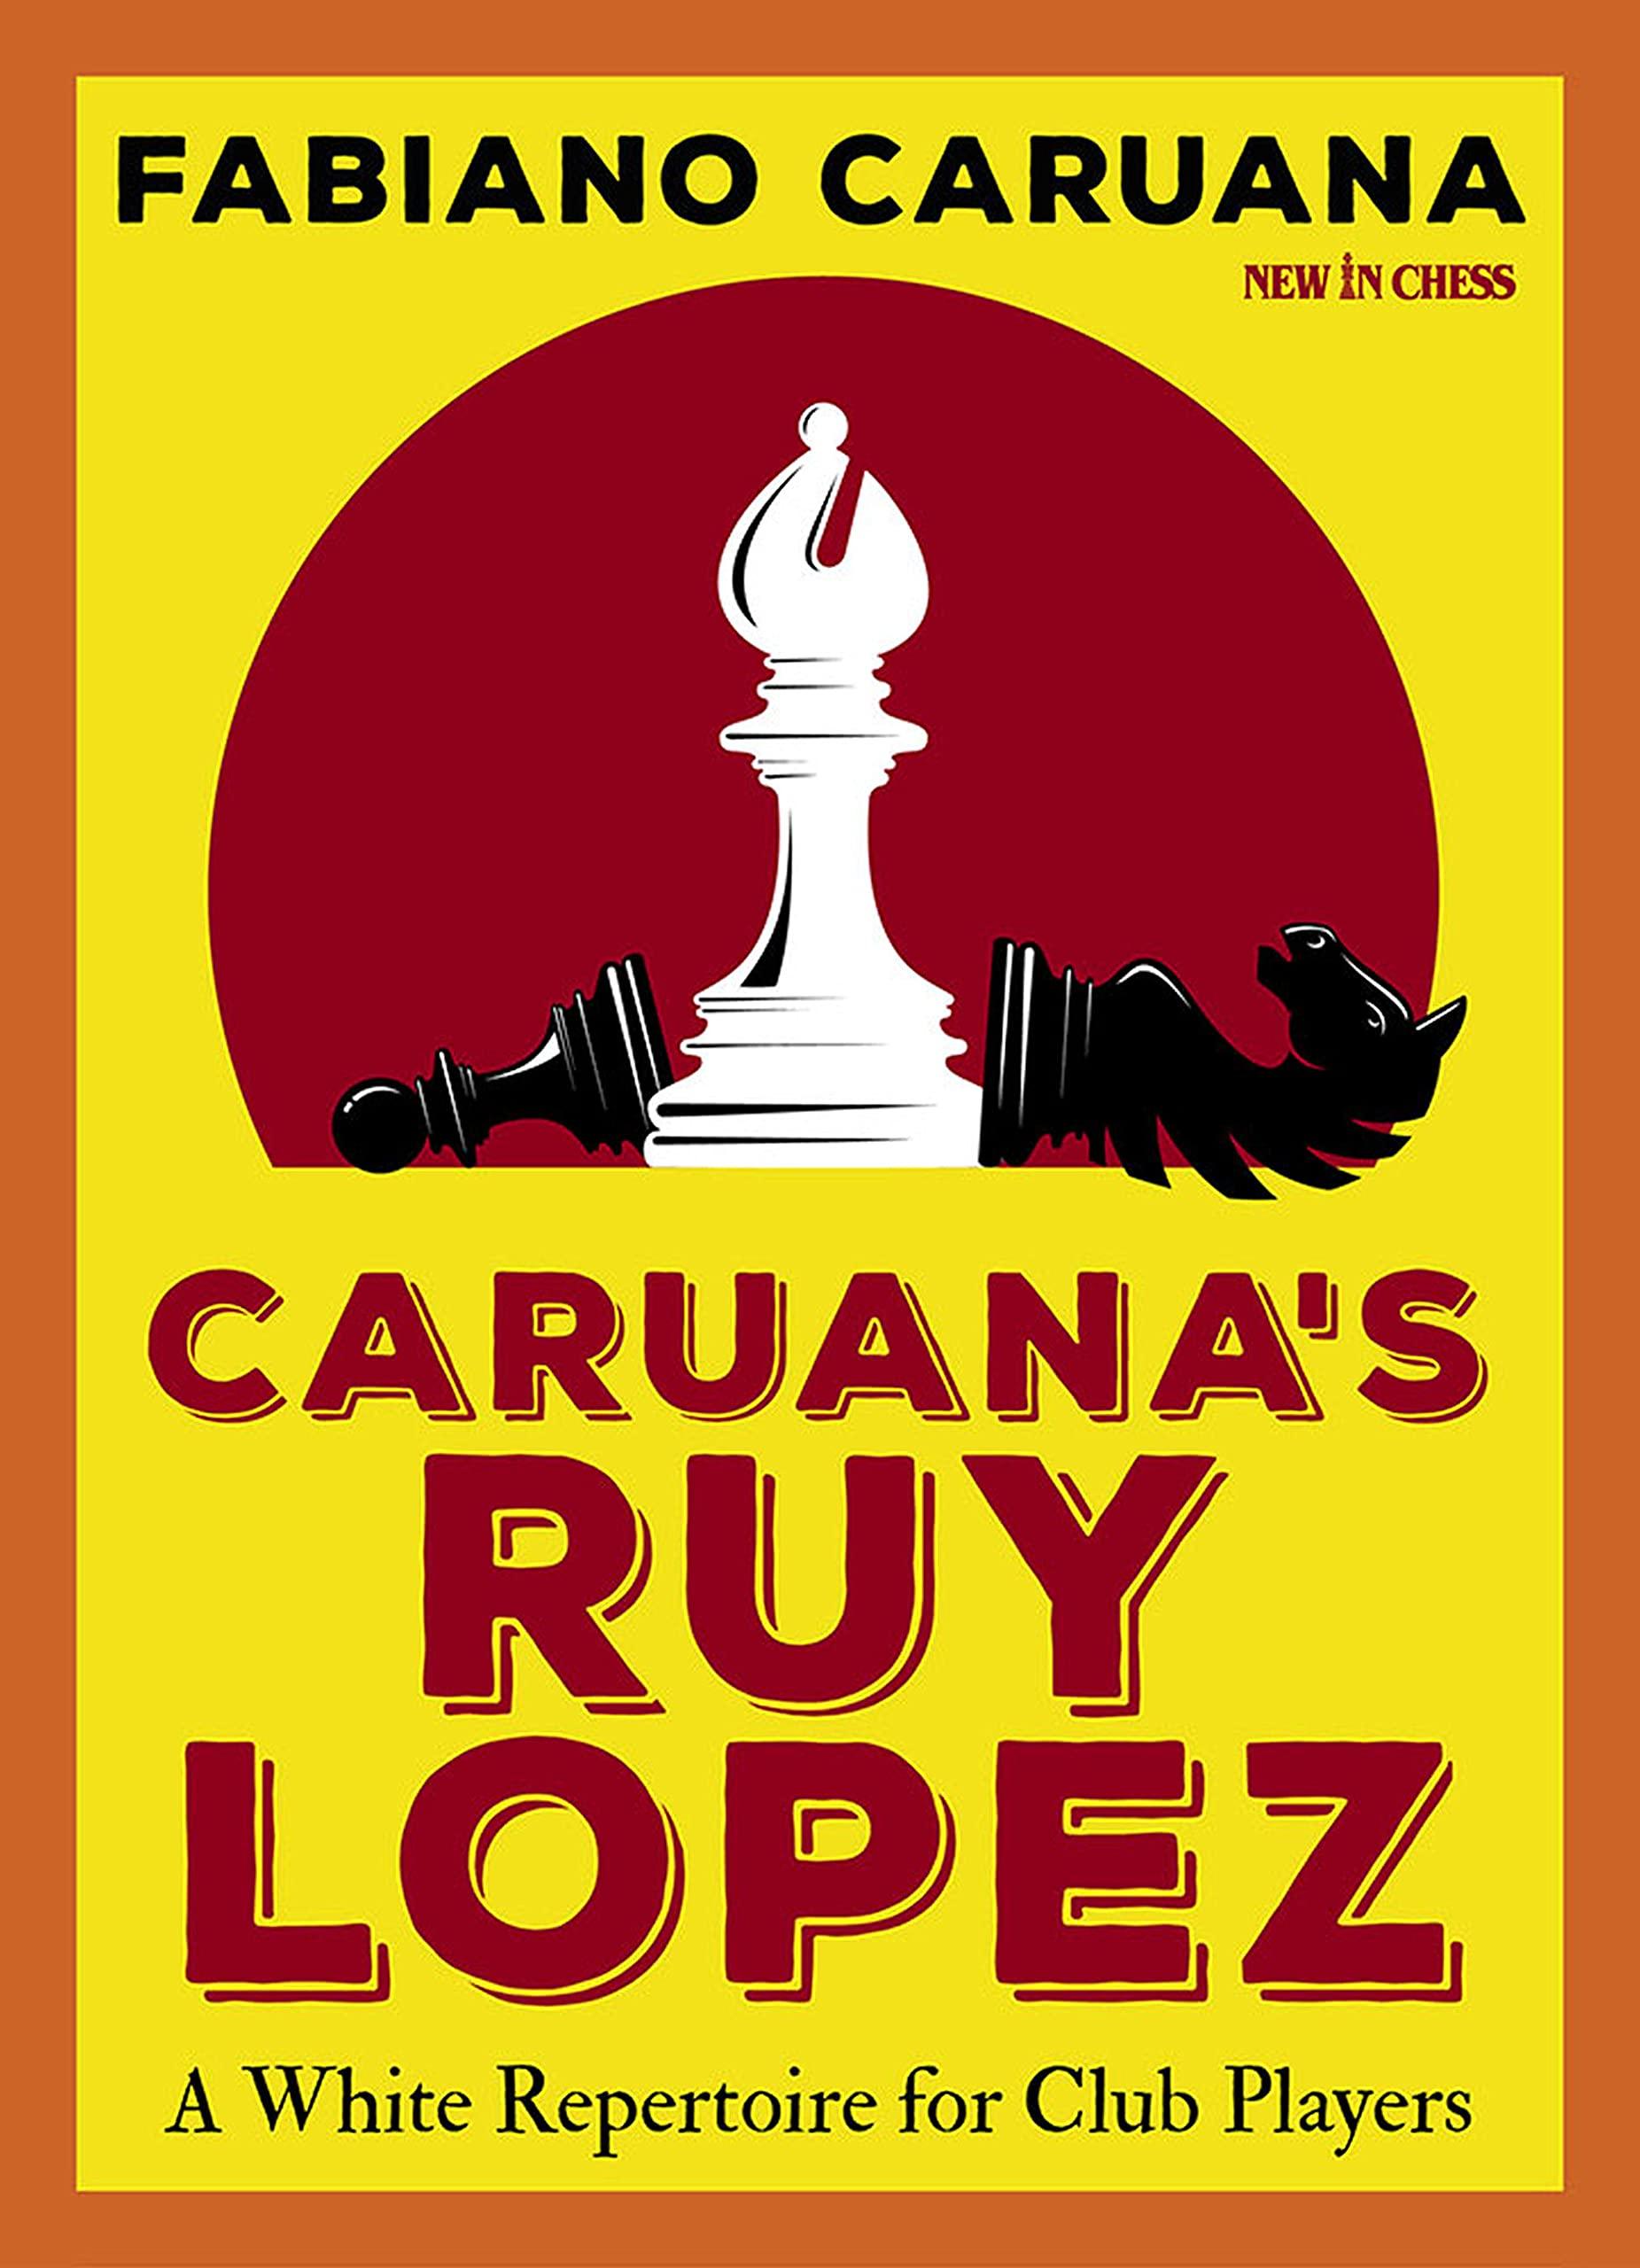 Caruana's Ruy Lopez: A White Repertoire for Club Players, Fabiano Caruana, New in Chess, 29th June 2021, ISBN-13  :  978-9056919443